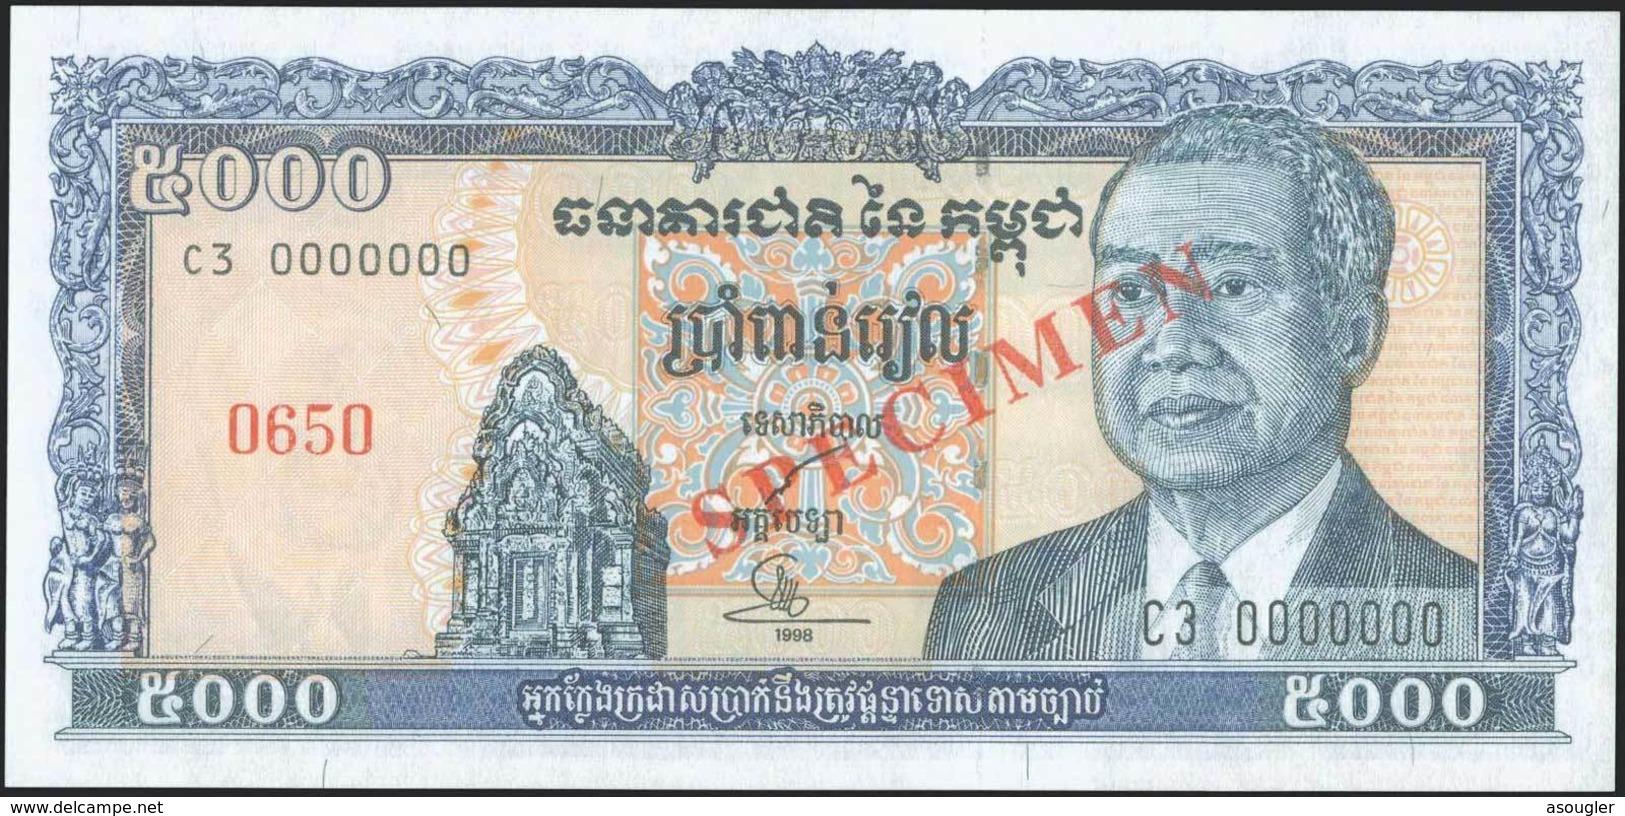 CAMBODIA 5000 Riels 1995 (1998) SPECIMEN P-46s UNC - Specimen